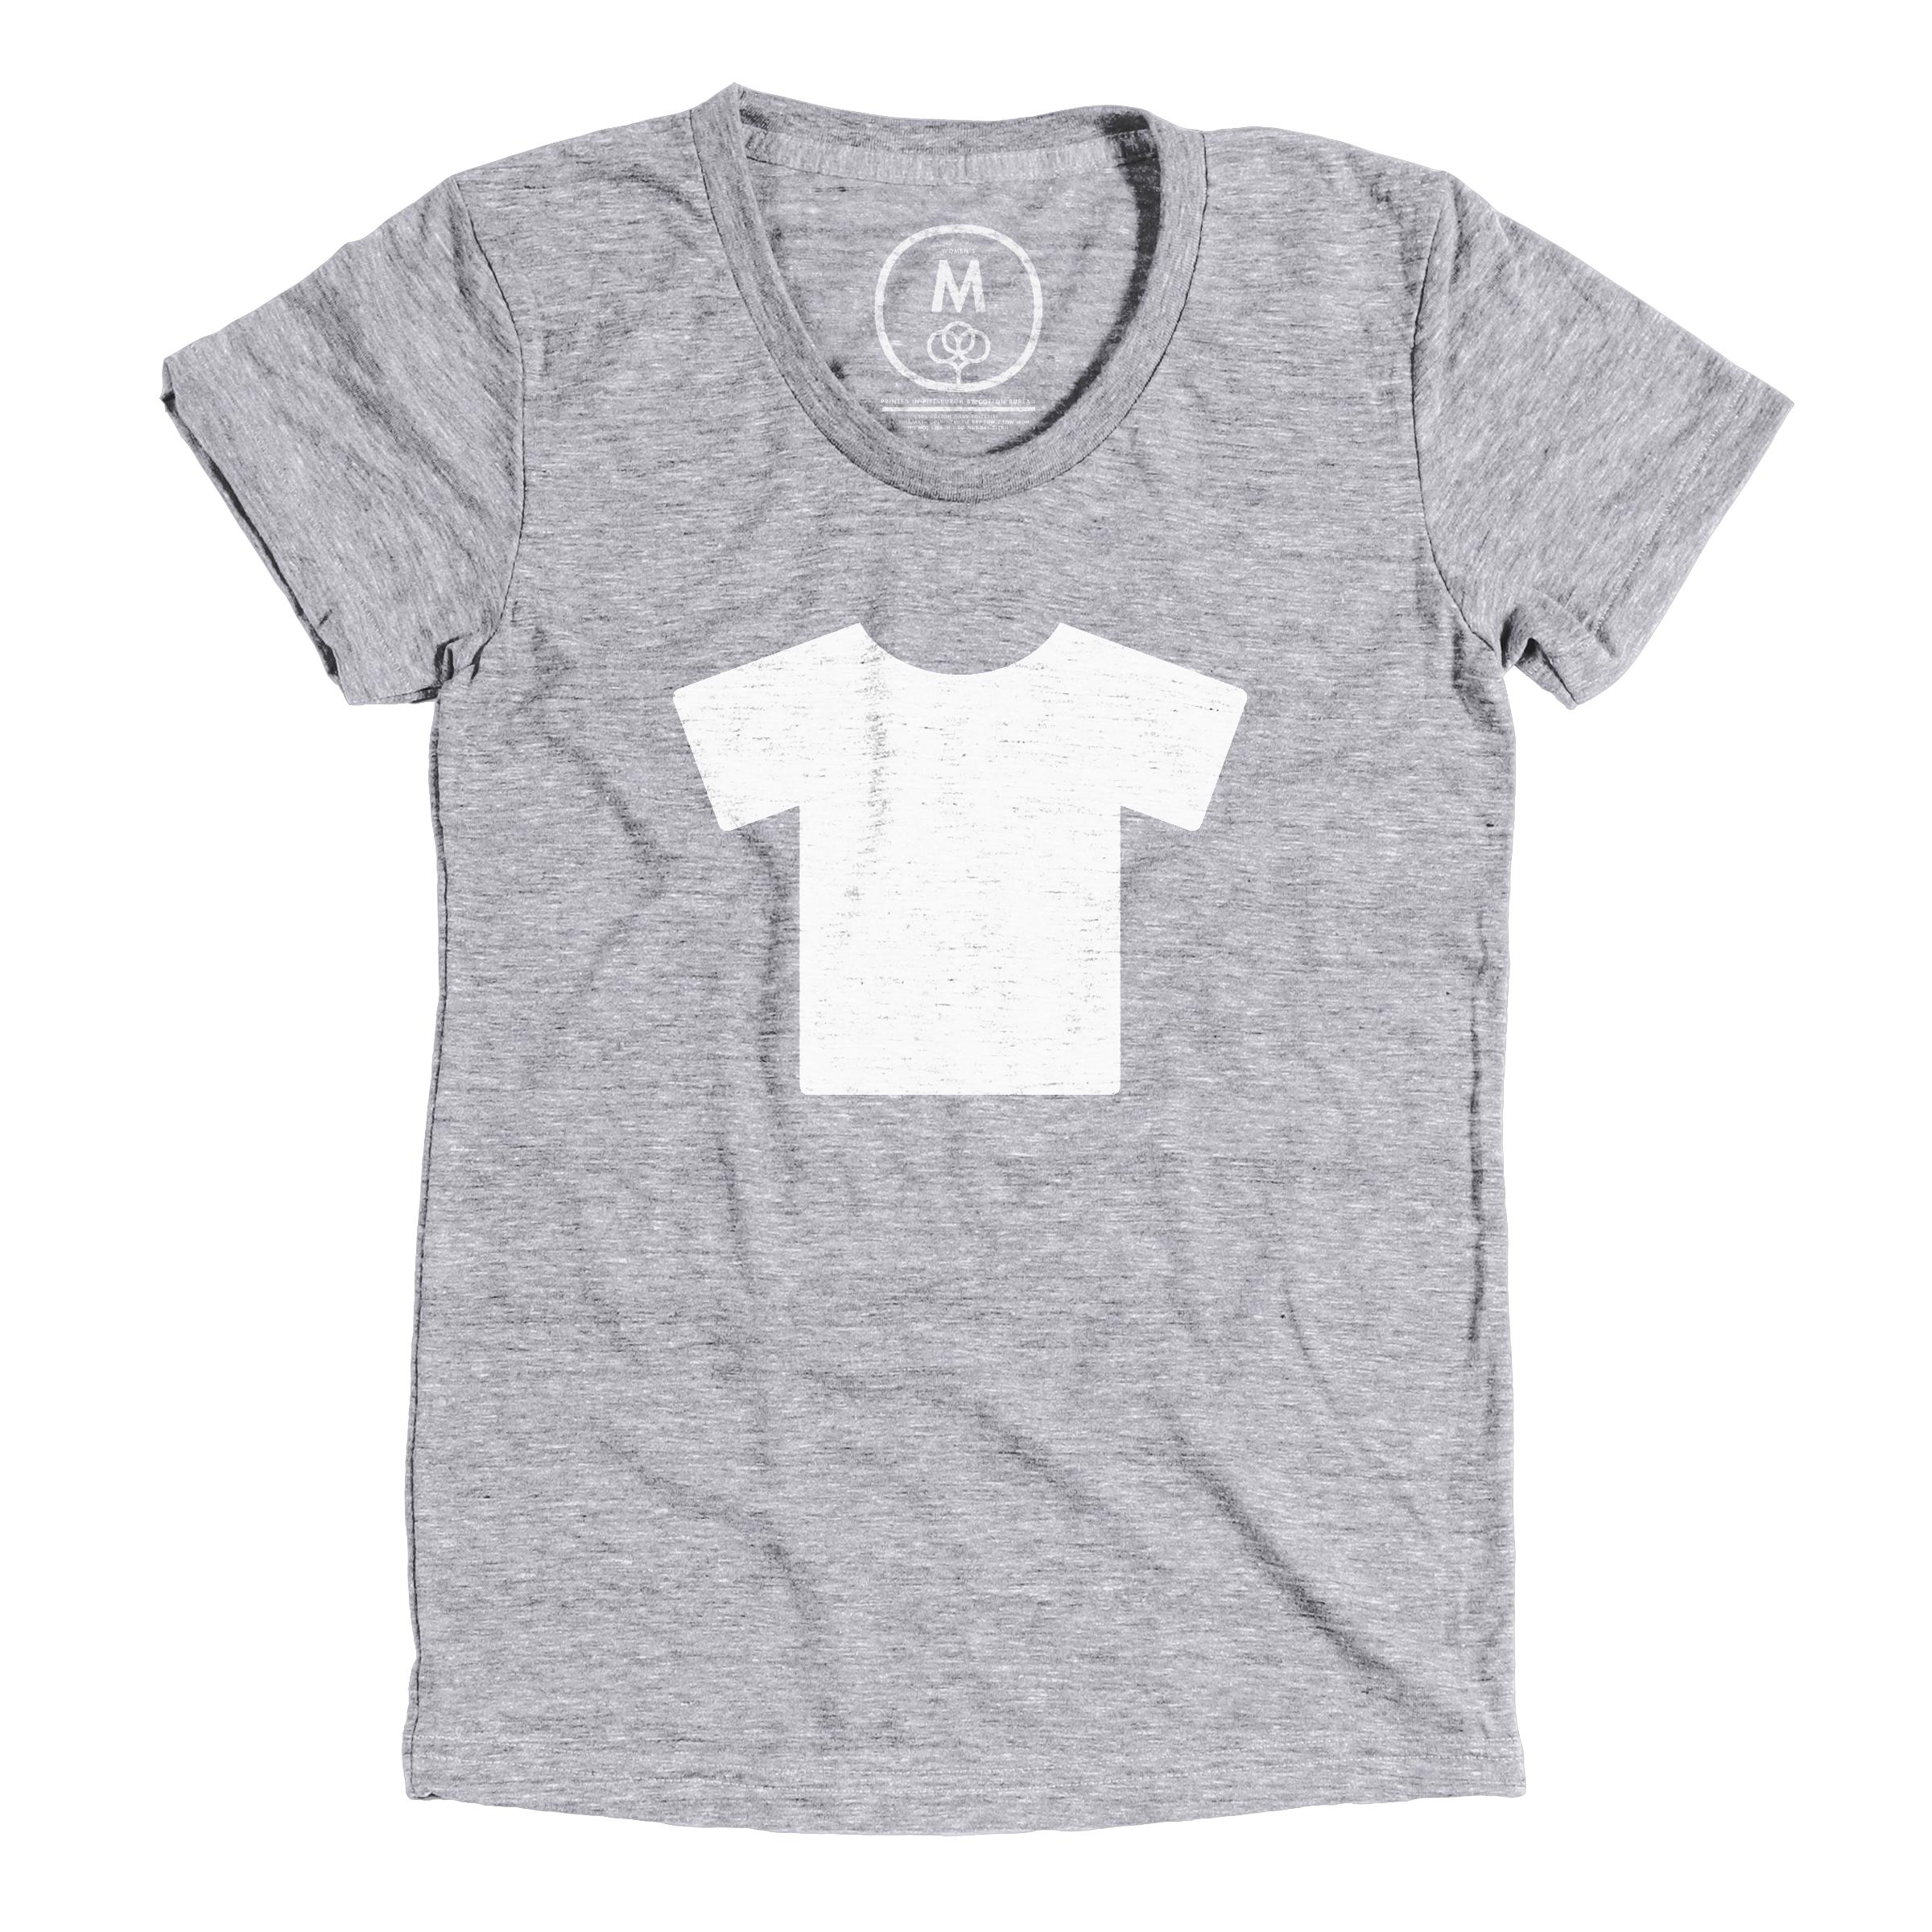 T-Shirt Premium Heather (Women's)